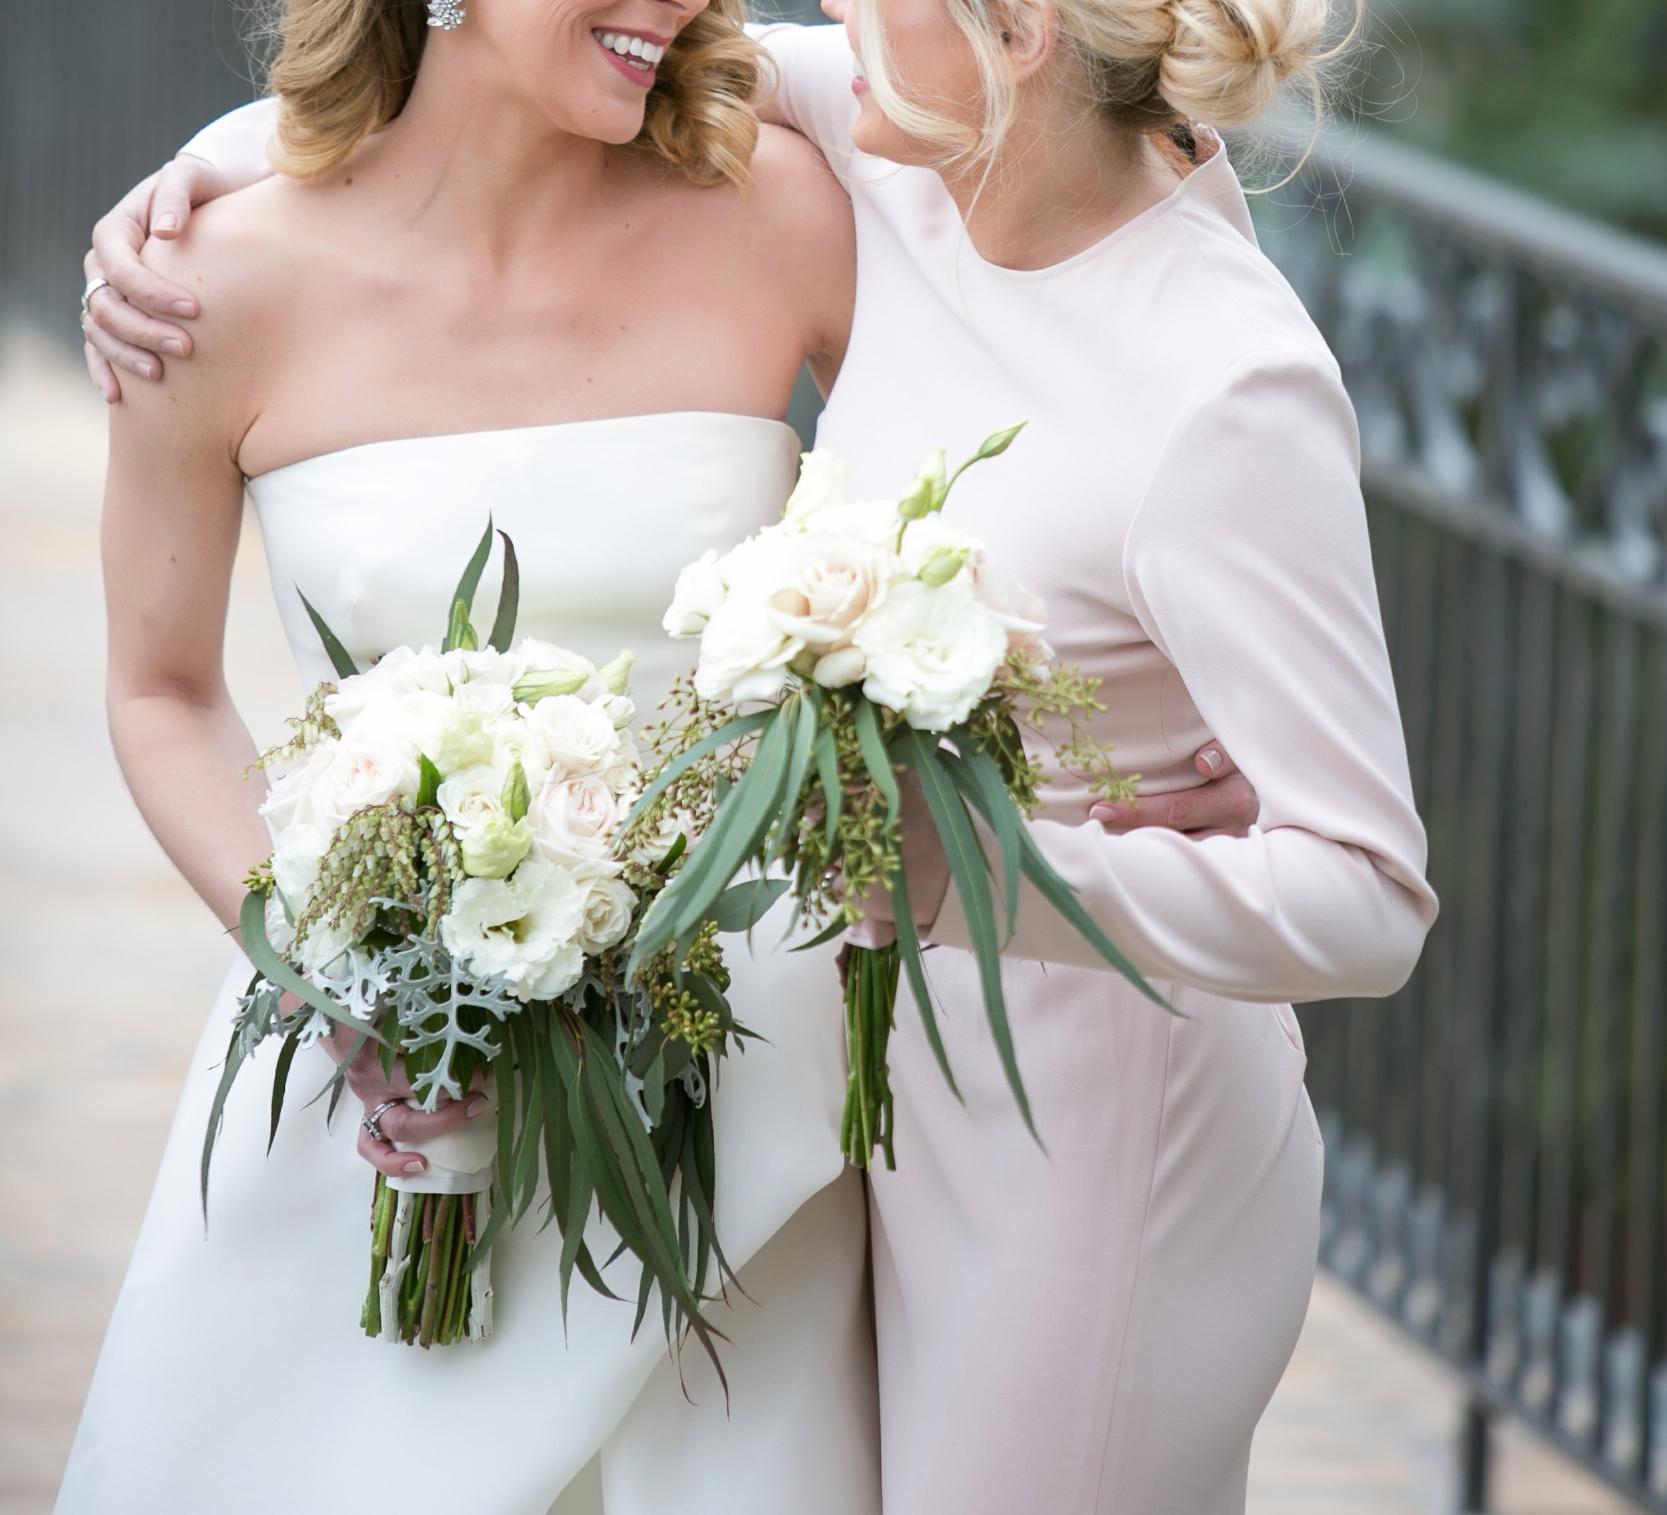 bachelor gulch wedding florist